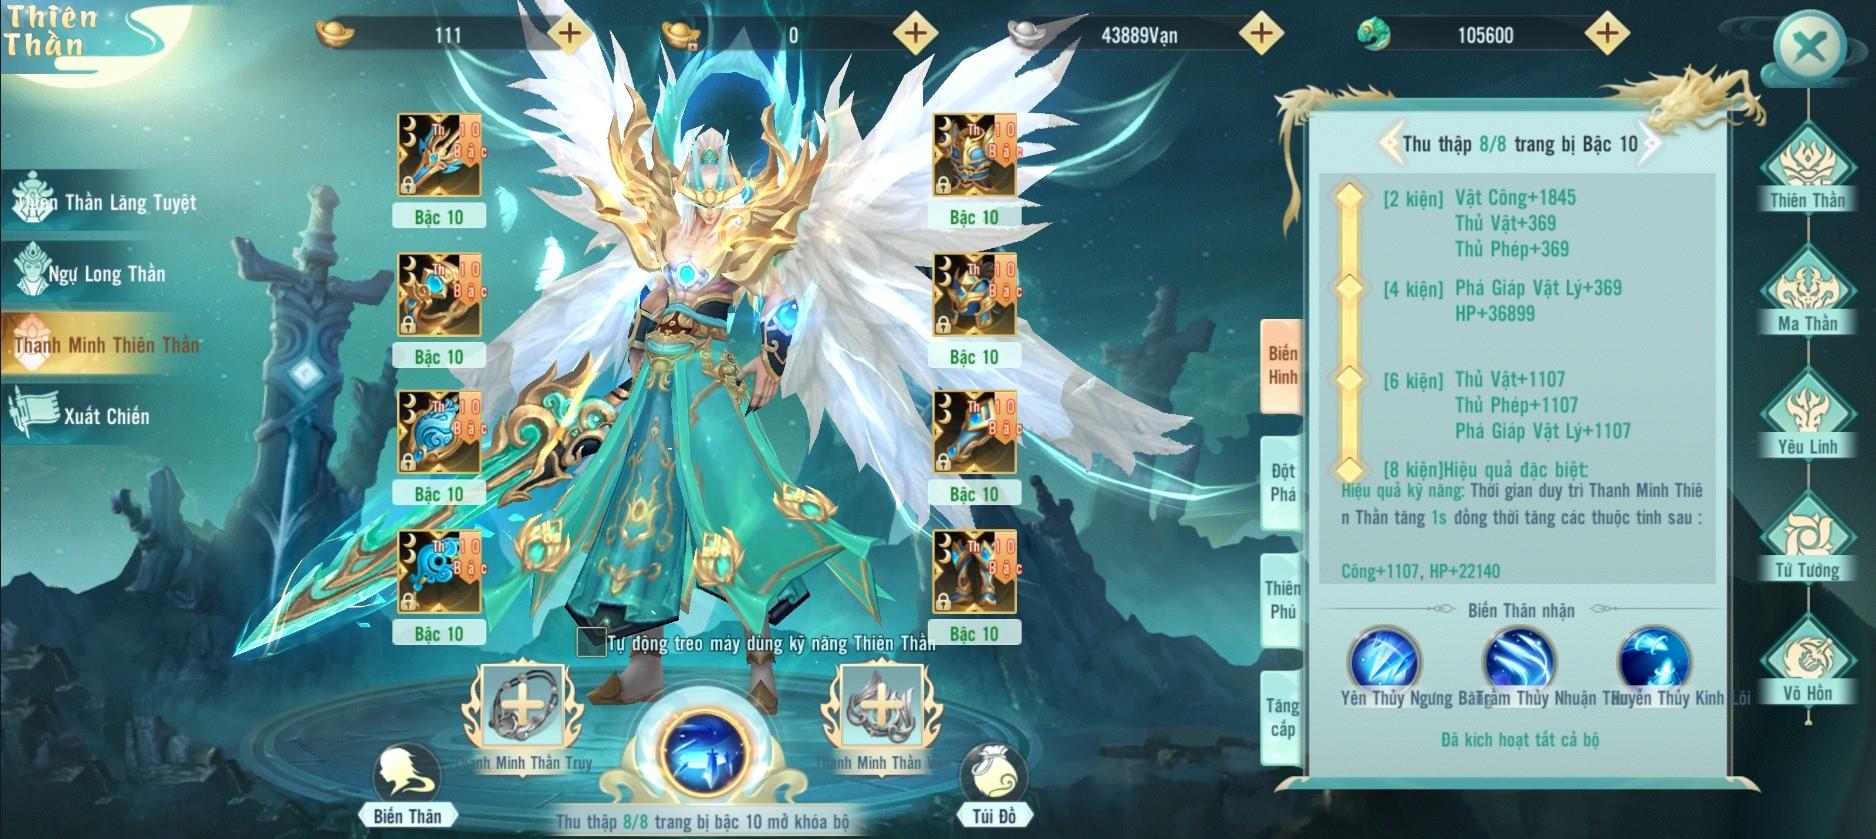 Những tính năng đặc sắc của Thần Kiếm Mobile